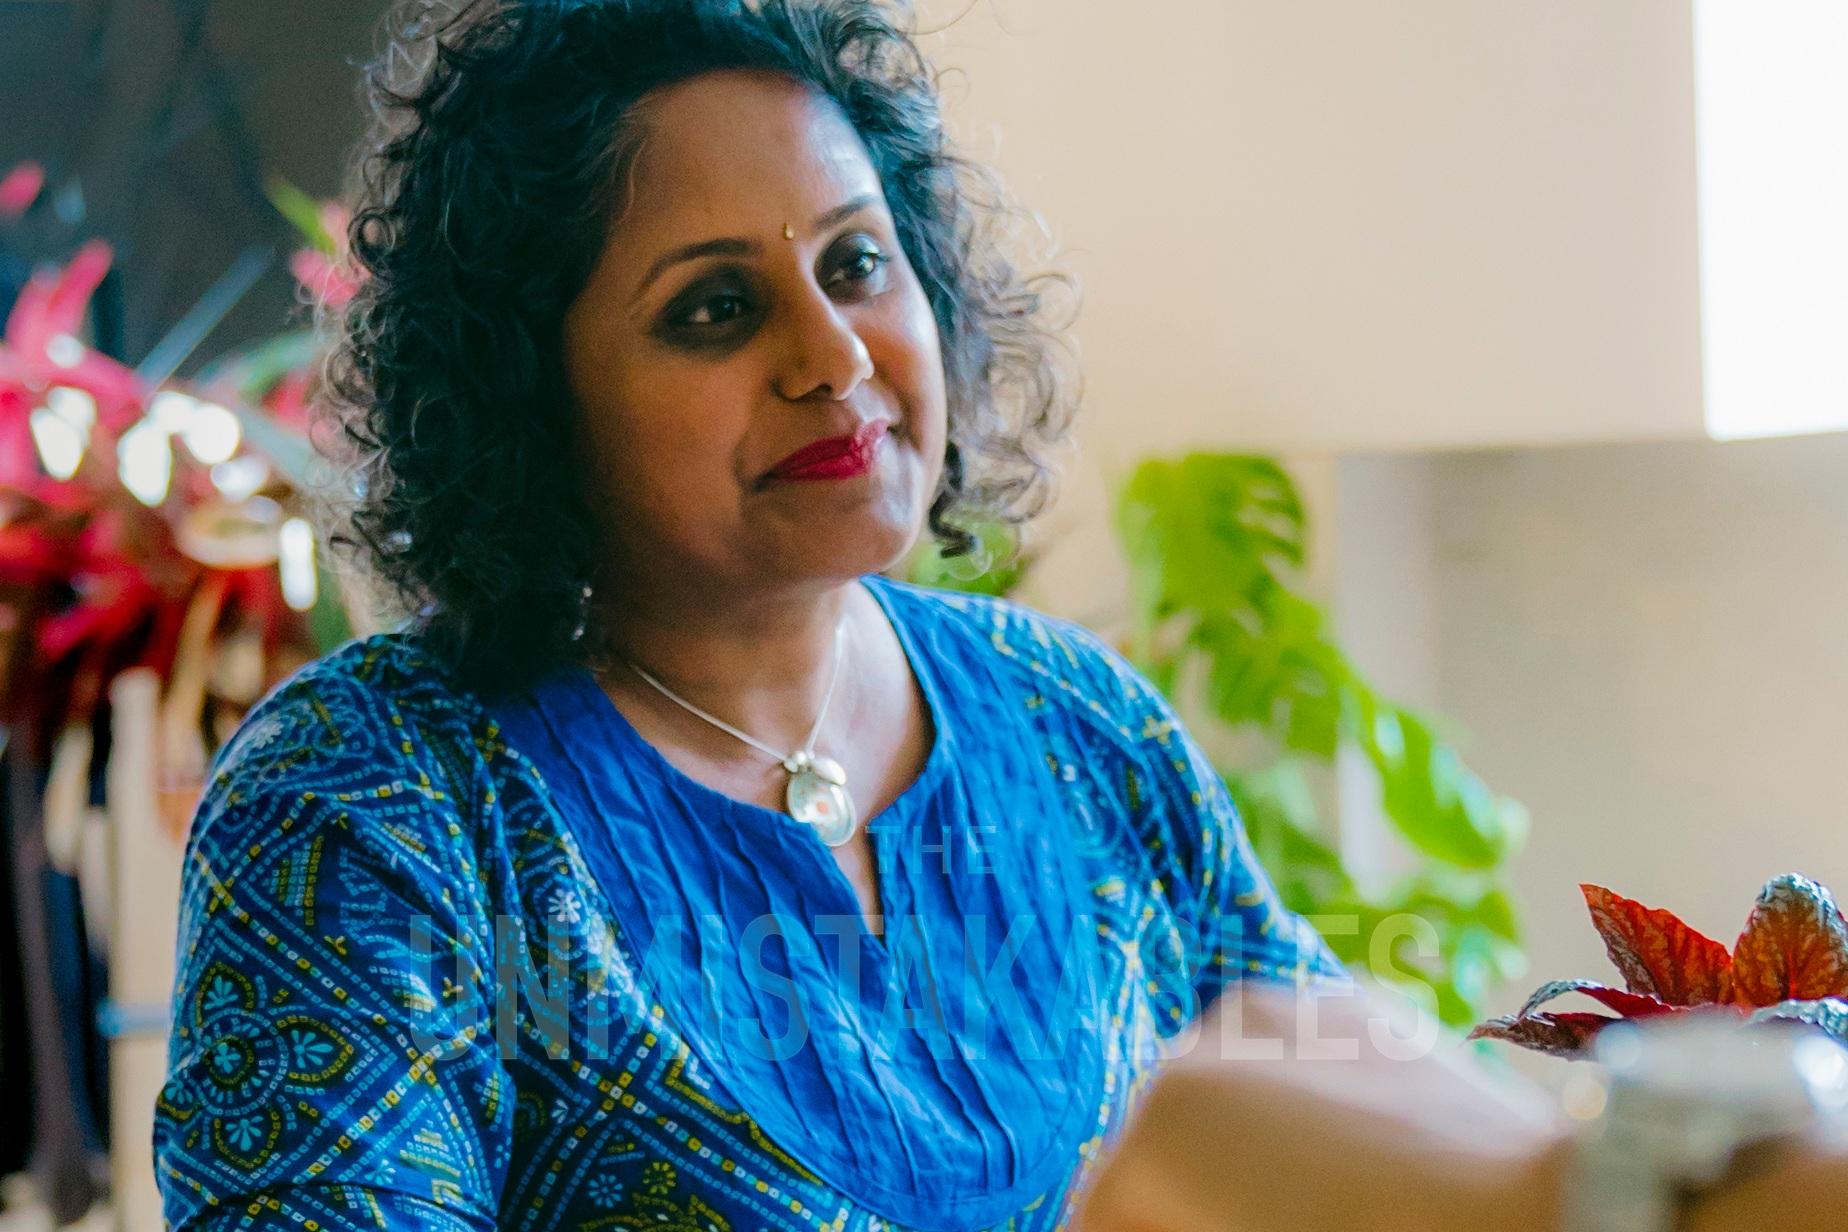 Manju Patel-Nair - her/she // @manju44Manju Patel-Nair is British Keralan EdActivist, Community Builder & Founder of ChangeMakers UnLtd.